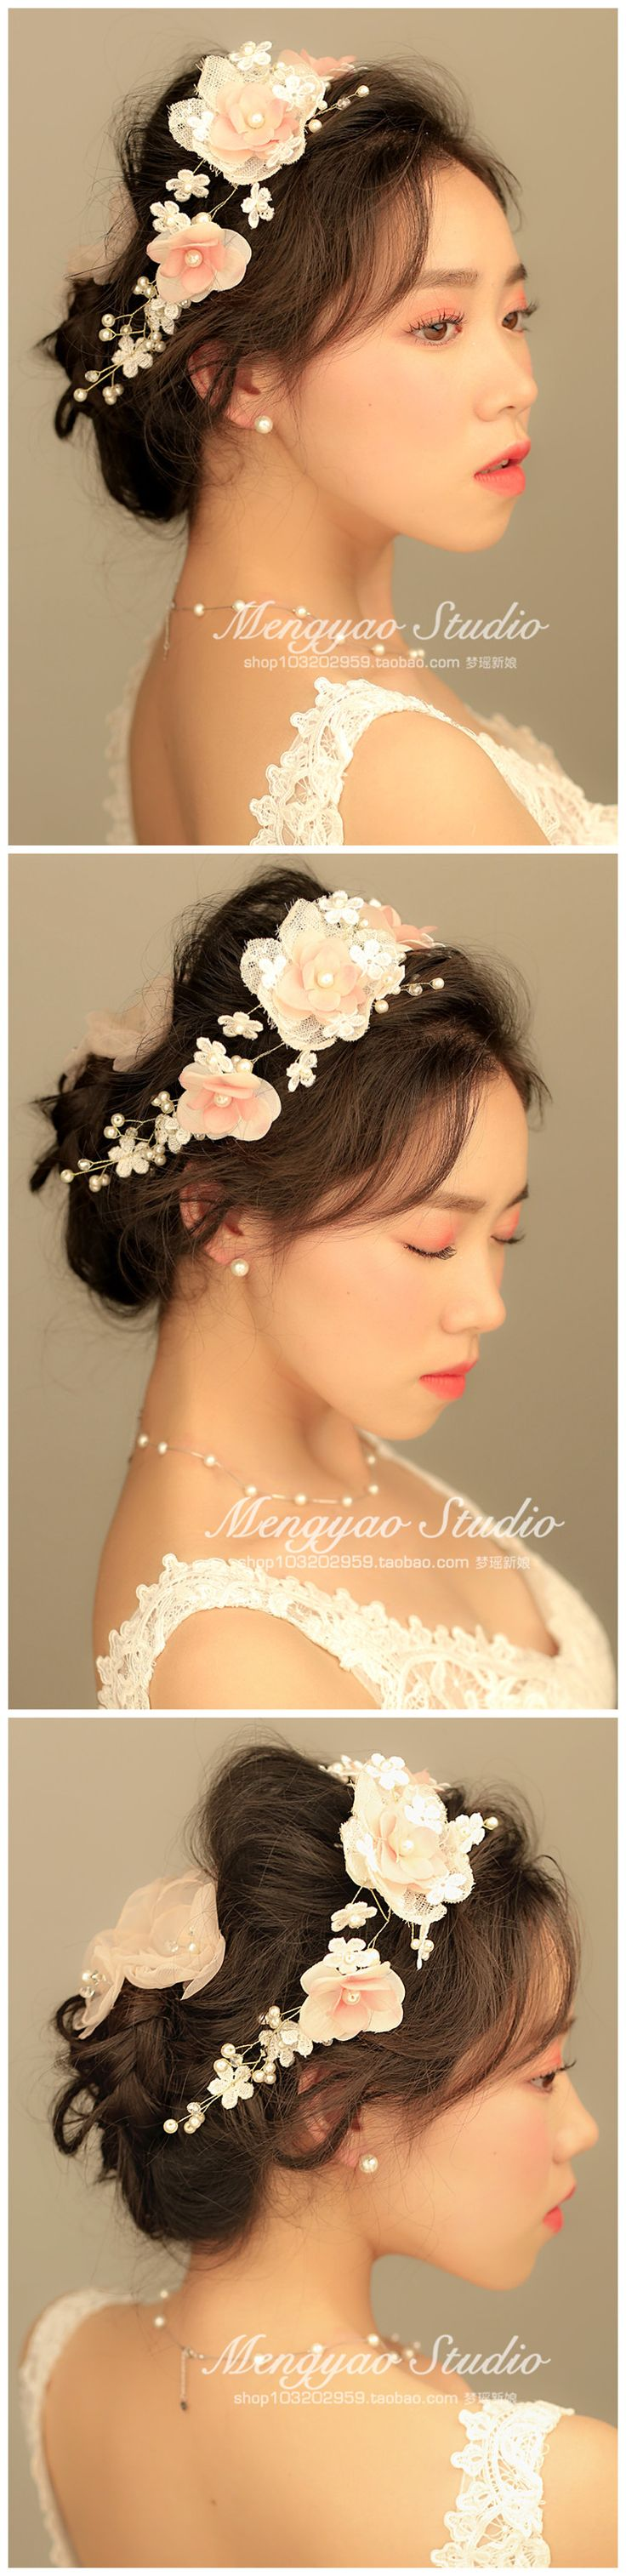 Hanayome невесты кружева нитка жемчуга ручной белье головной убор голову цветок свадебных ювелирных свадьбы пряжи со сладким - Taobao